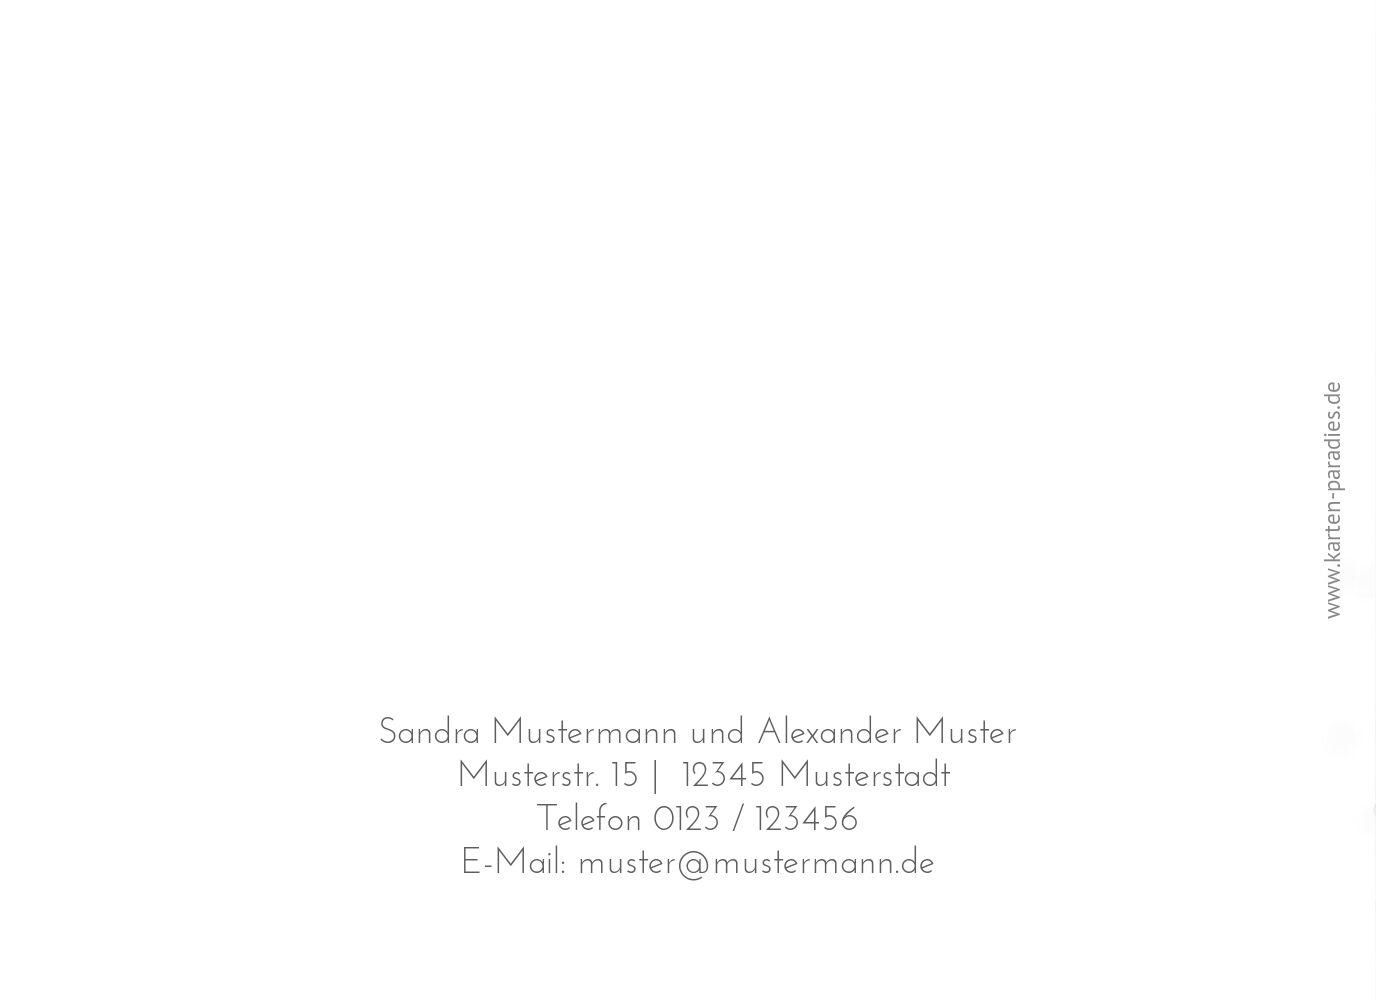 Ansicht 2 - Hochzeit Einladungskarte Eheringe